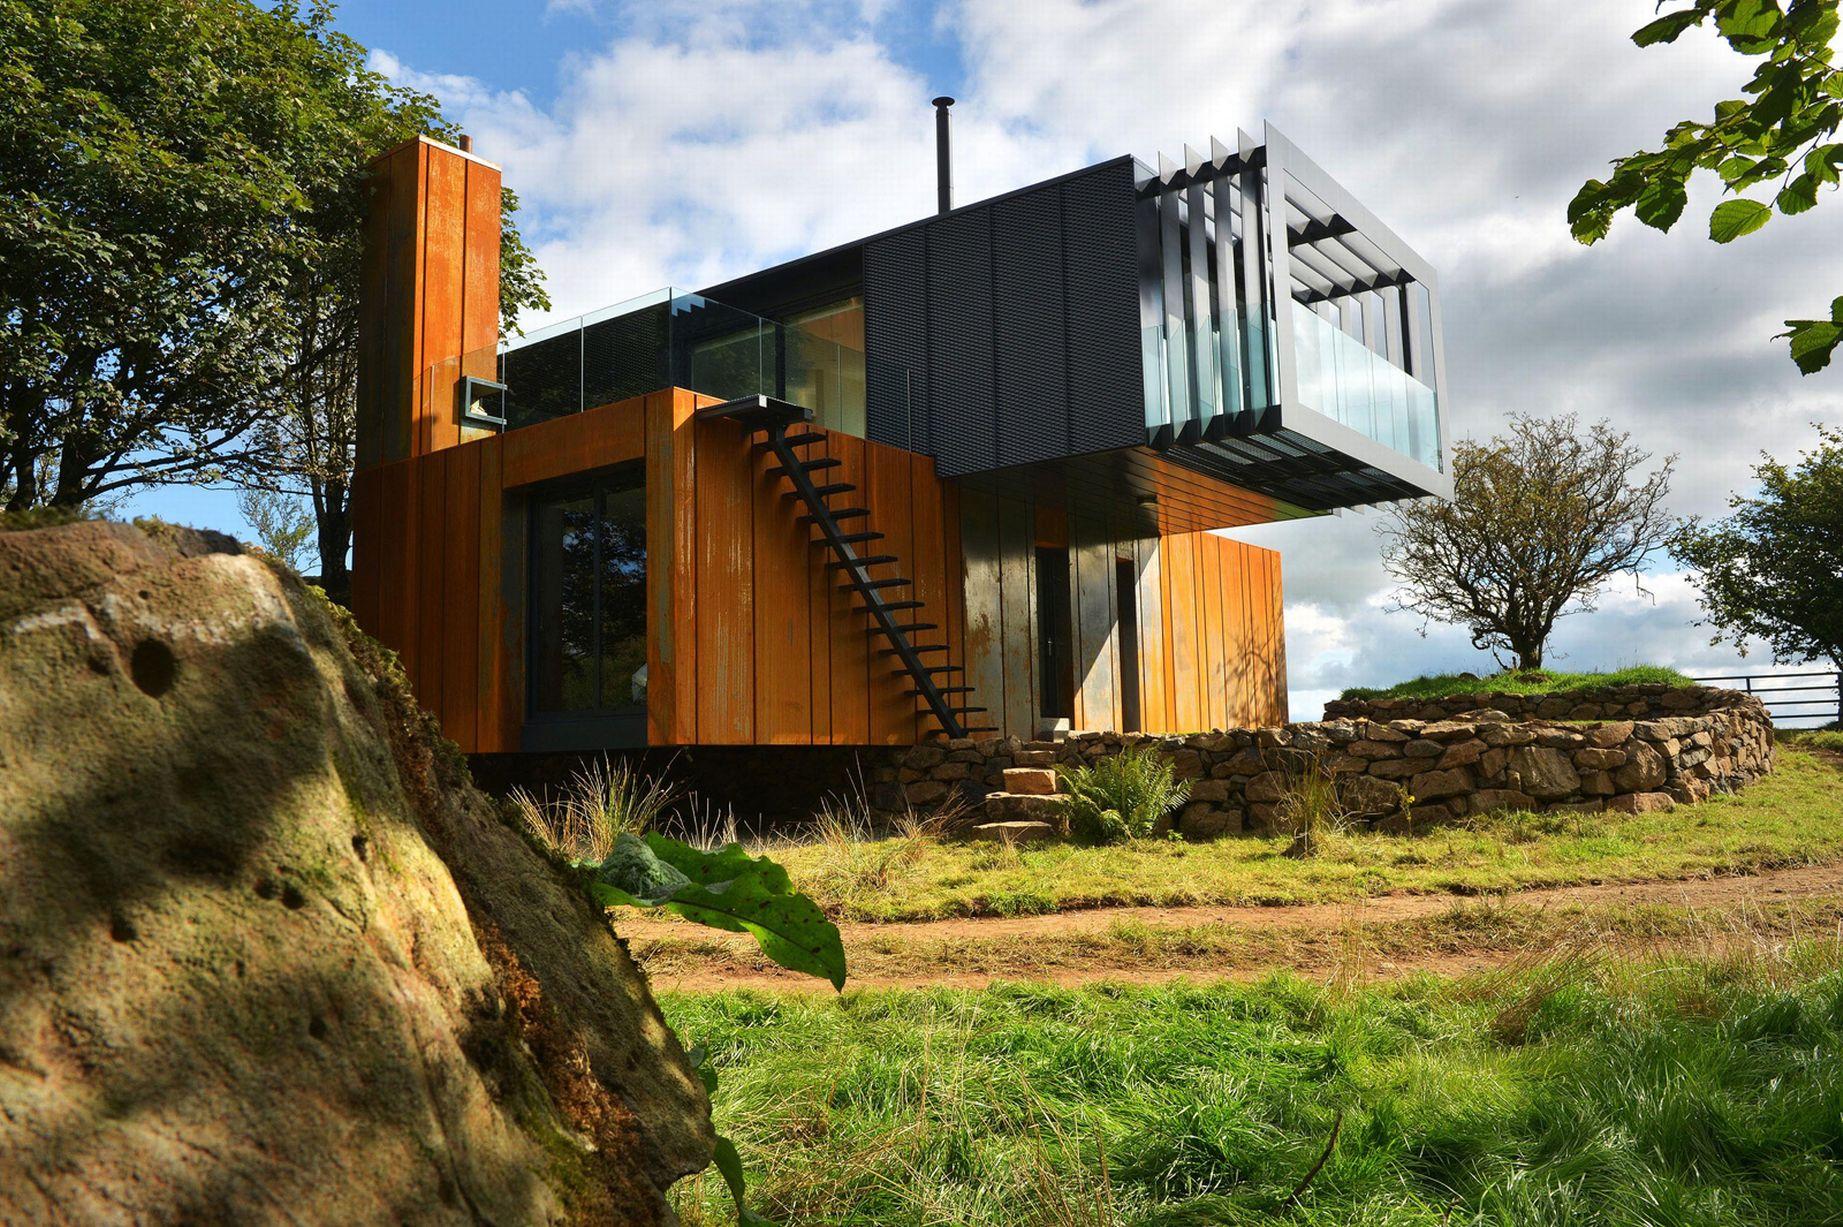 Chiêm ngưỡng 20 ngôi nhà đẹp như mơ làm từ container hàng hóa - Ảnh 5.